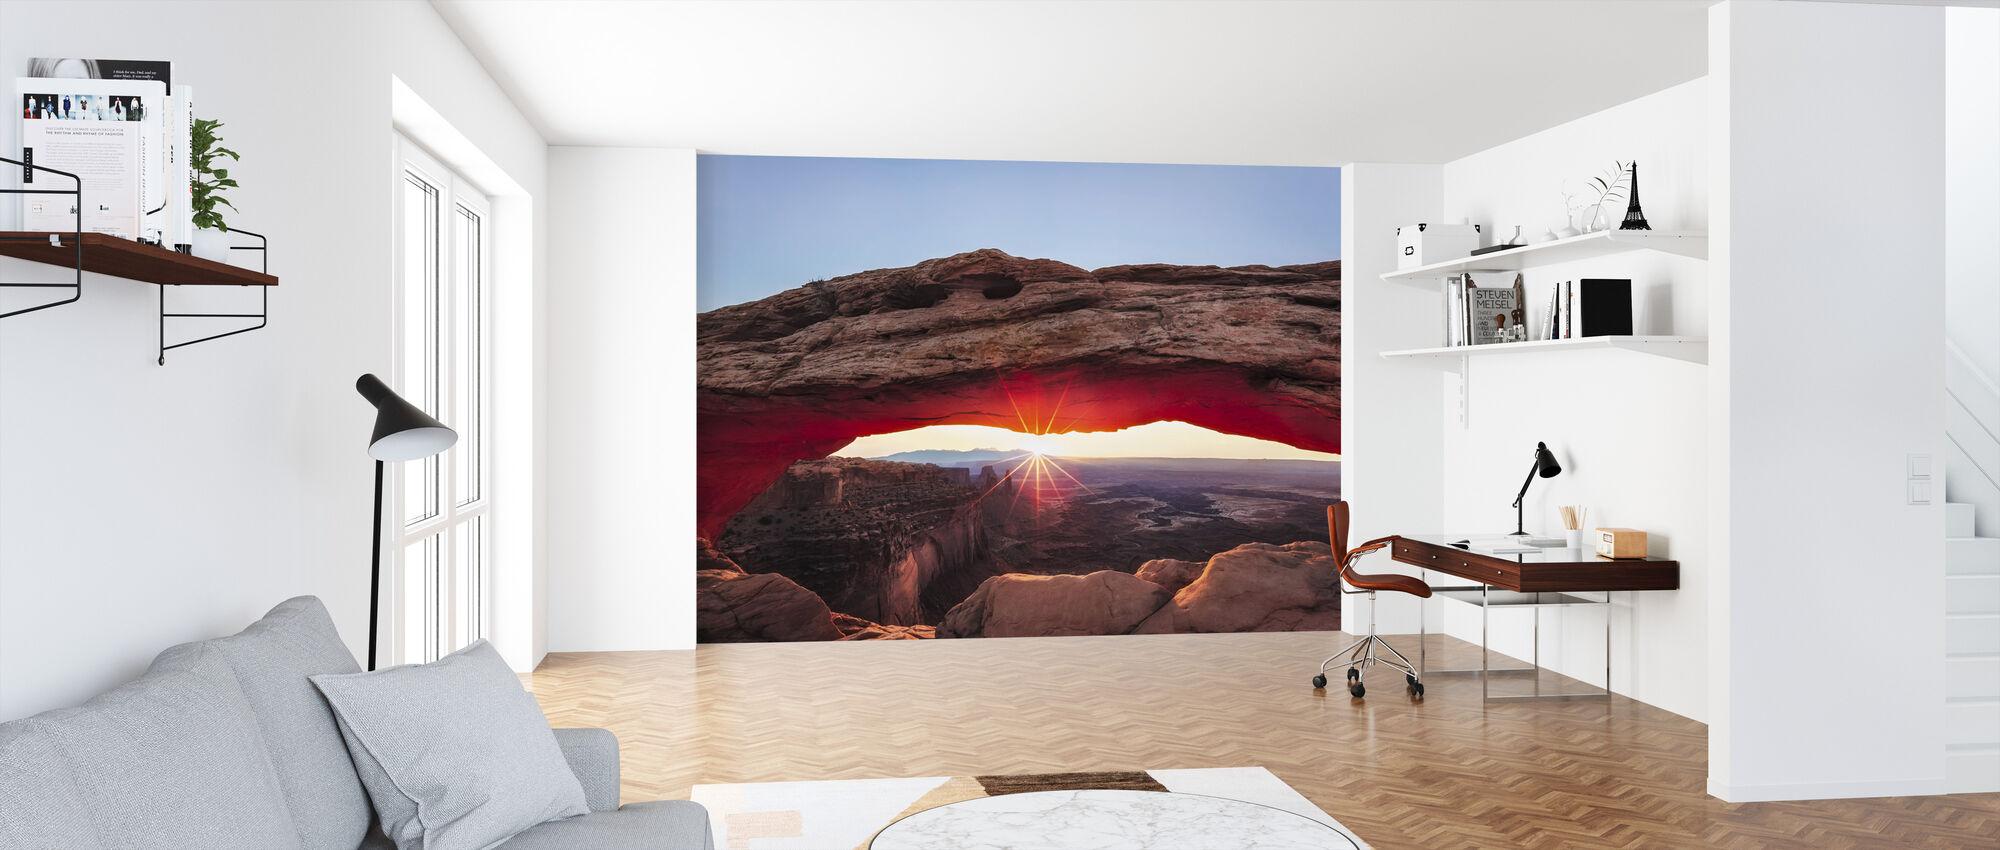 Sunset Crest - Wallpaper - Office